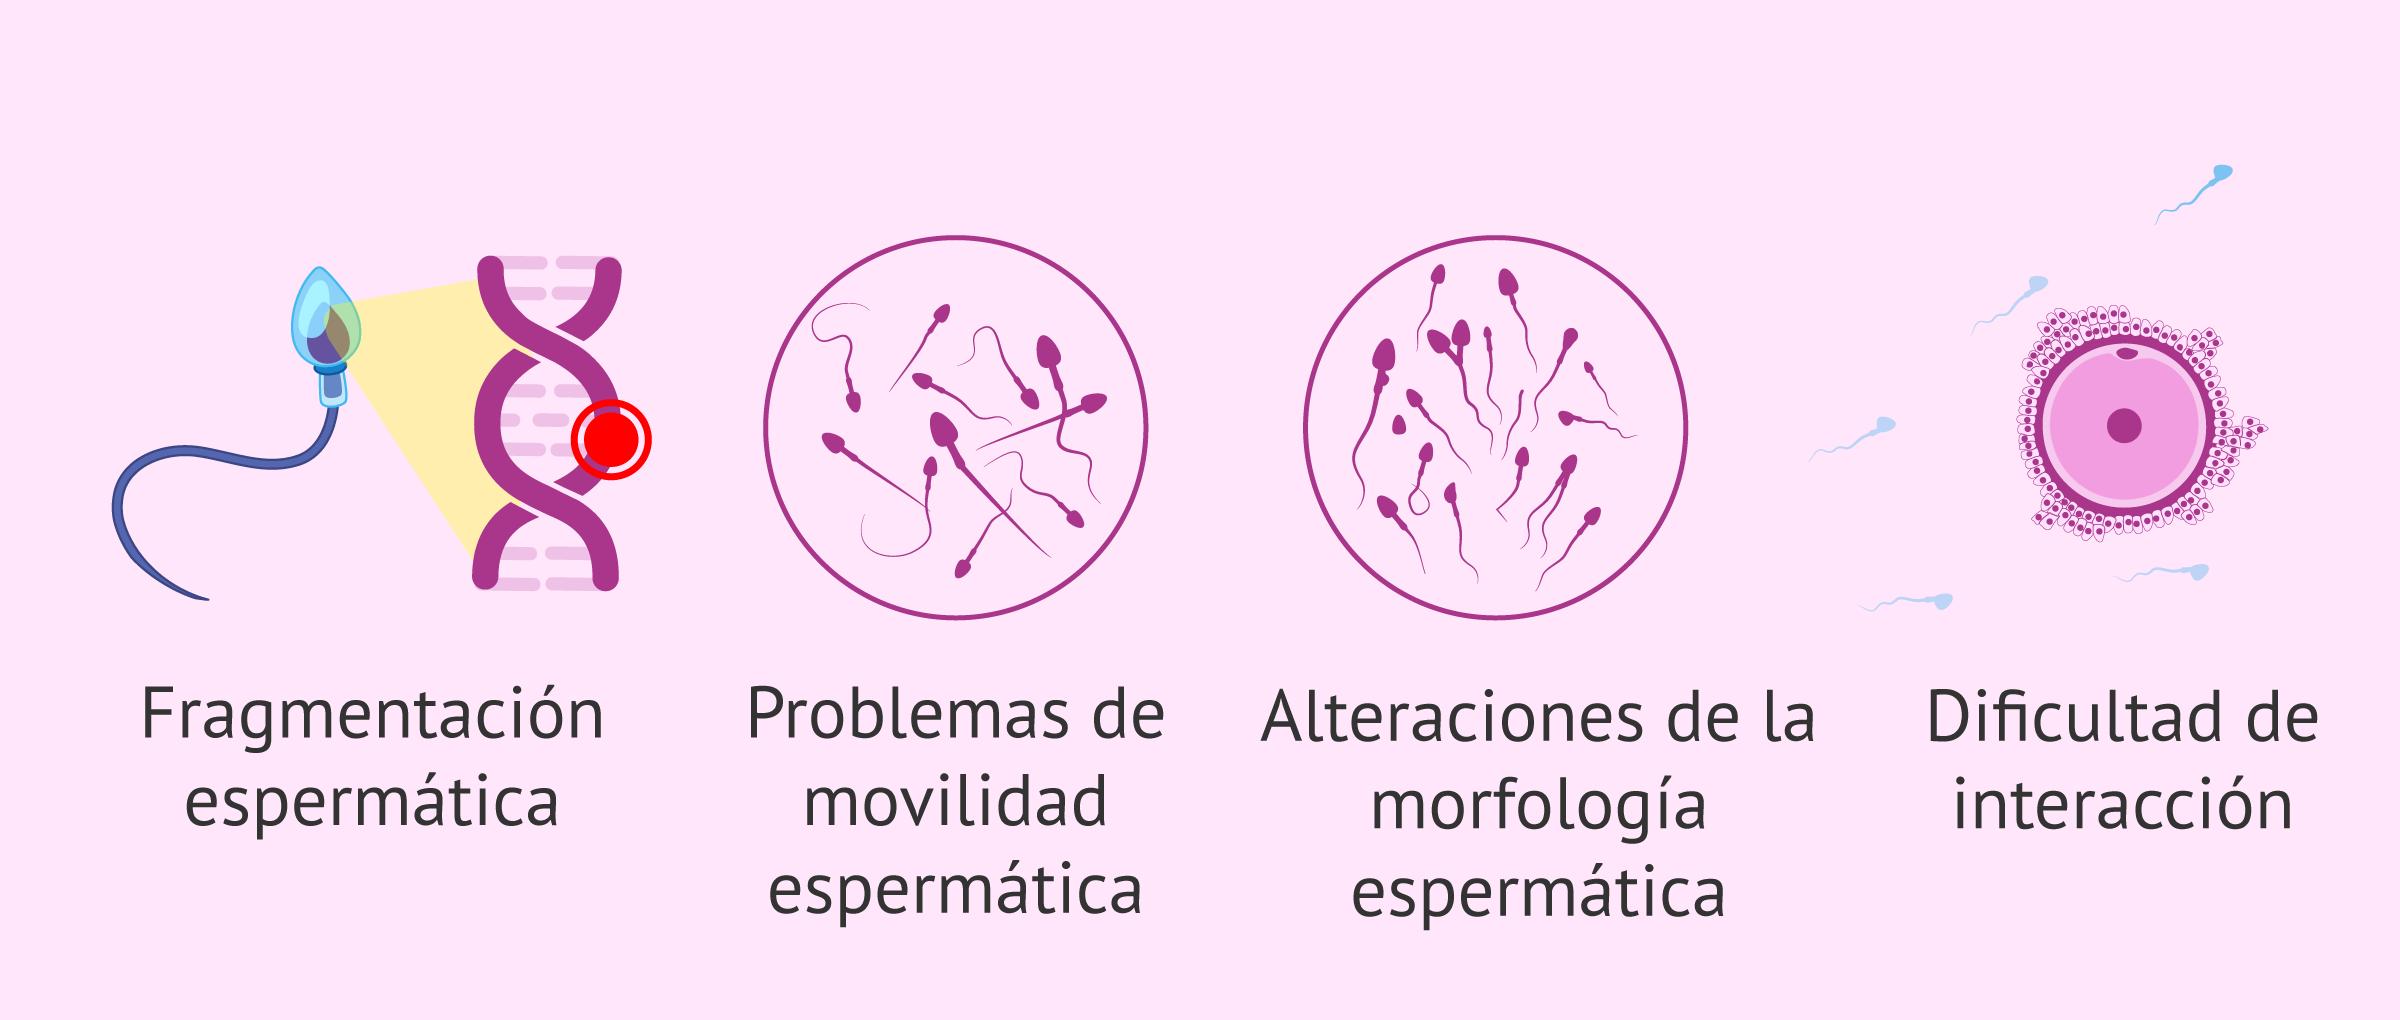 Consecuencias del estrés oxidativo en el esperma